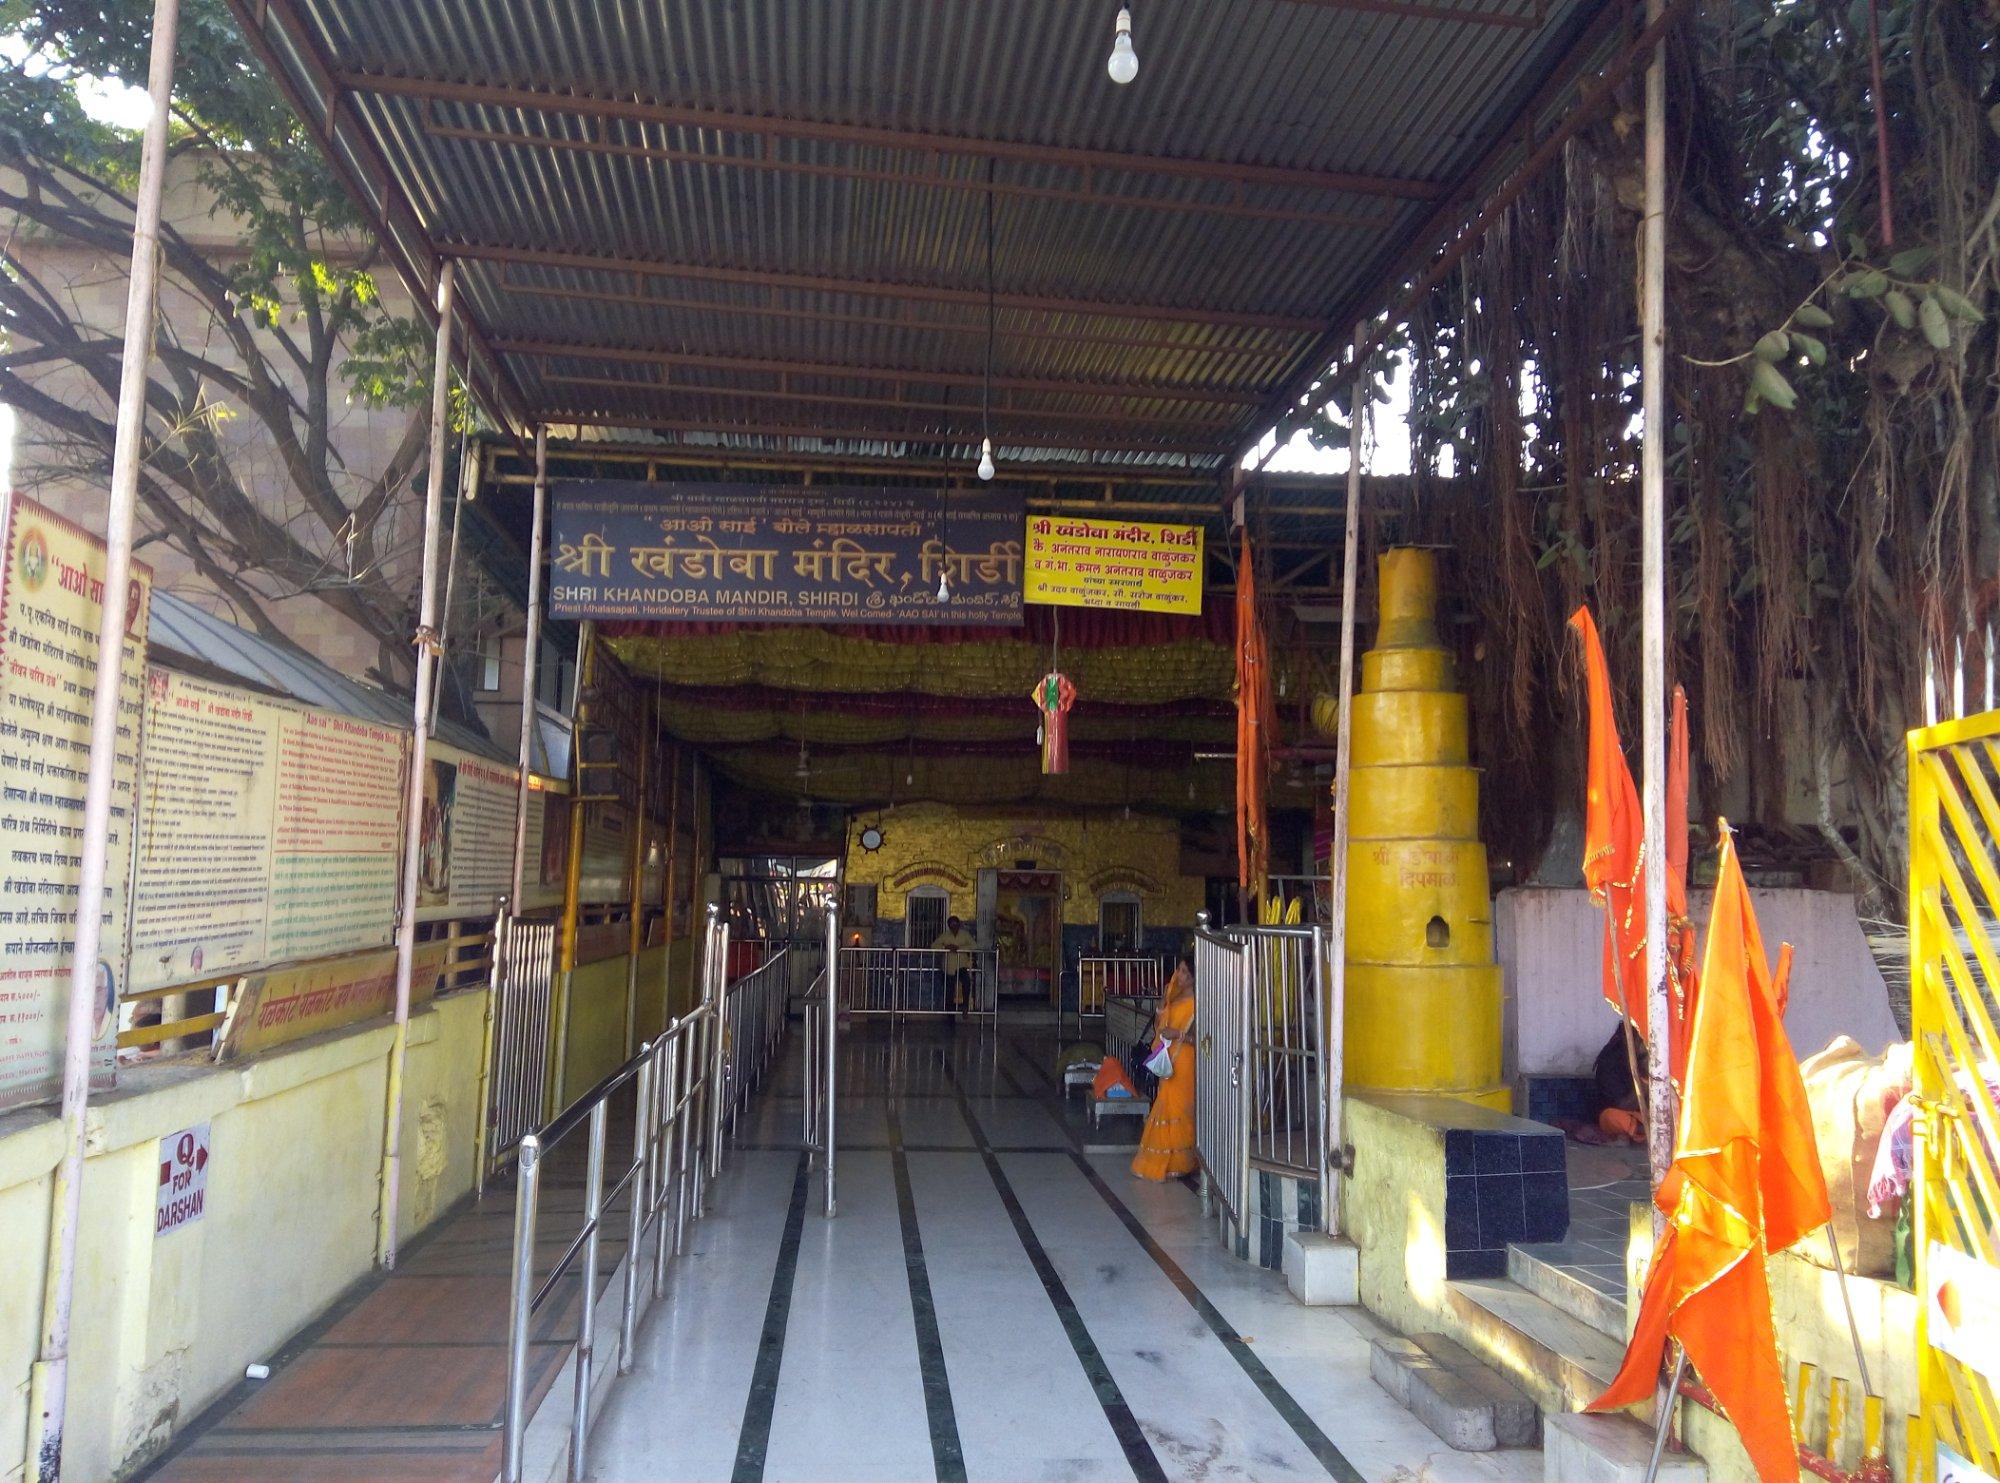 khandoba-temple-entrance